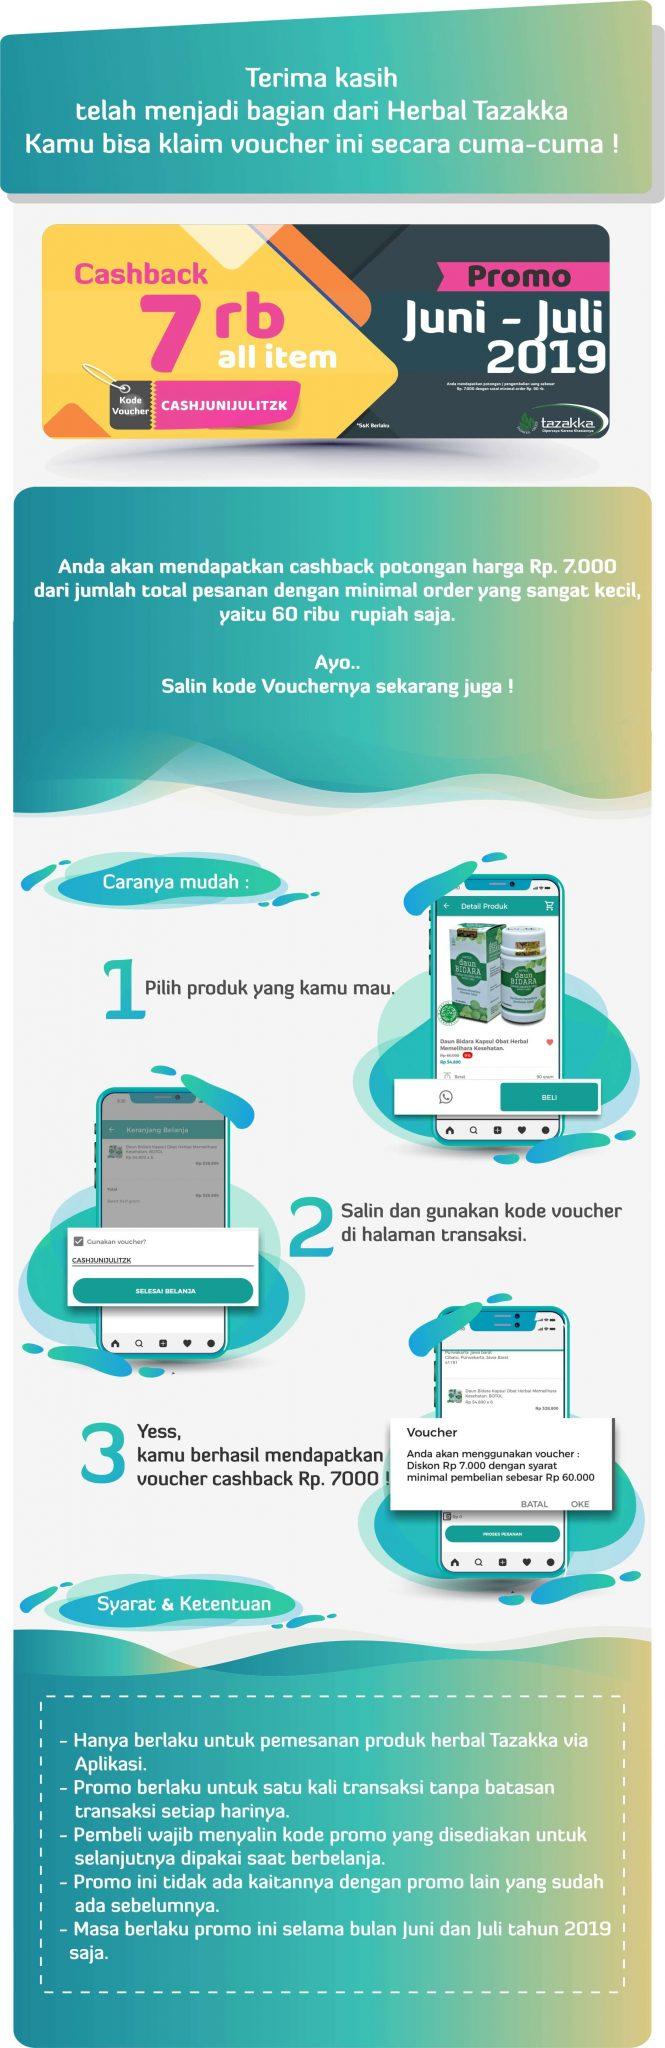 cara menggunakan kode voucher cashback belanja online herbal tazakka